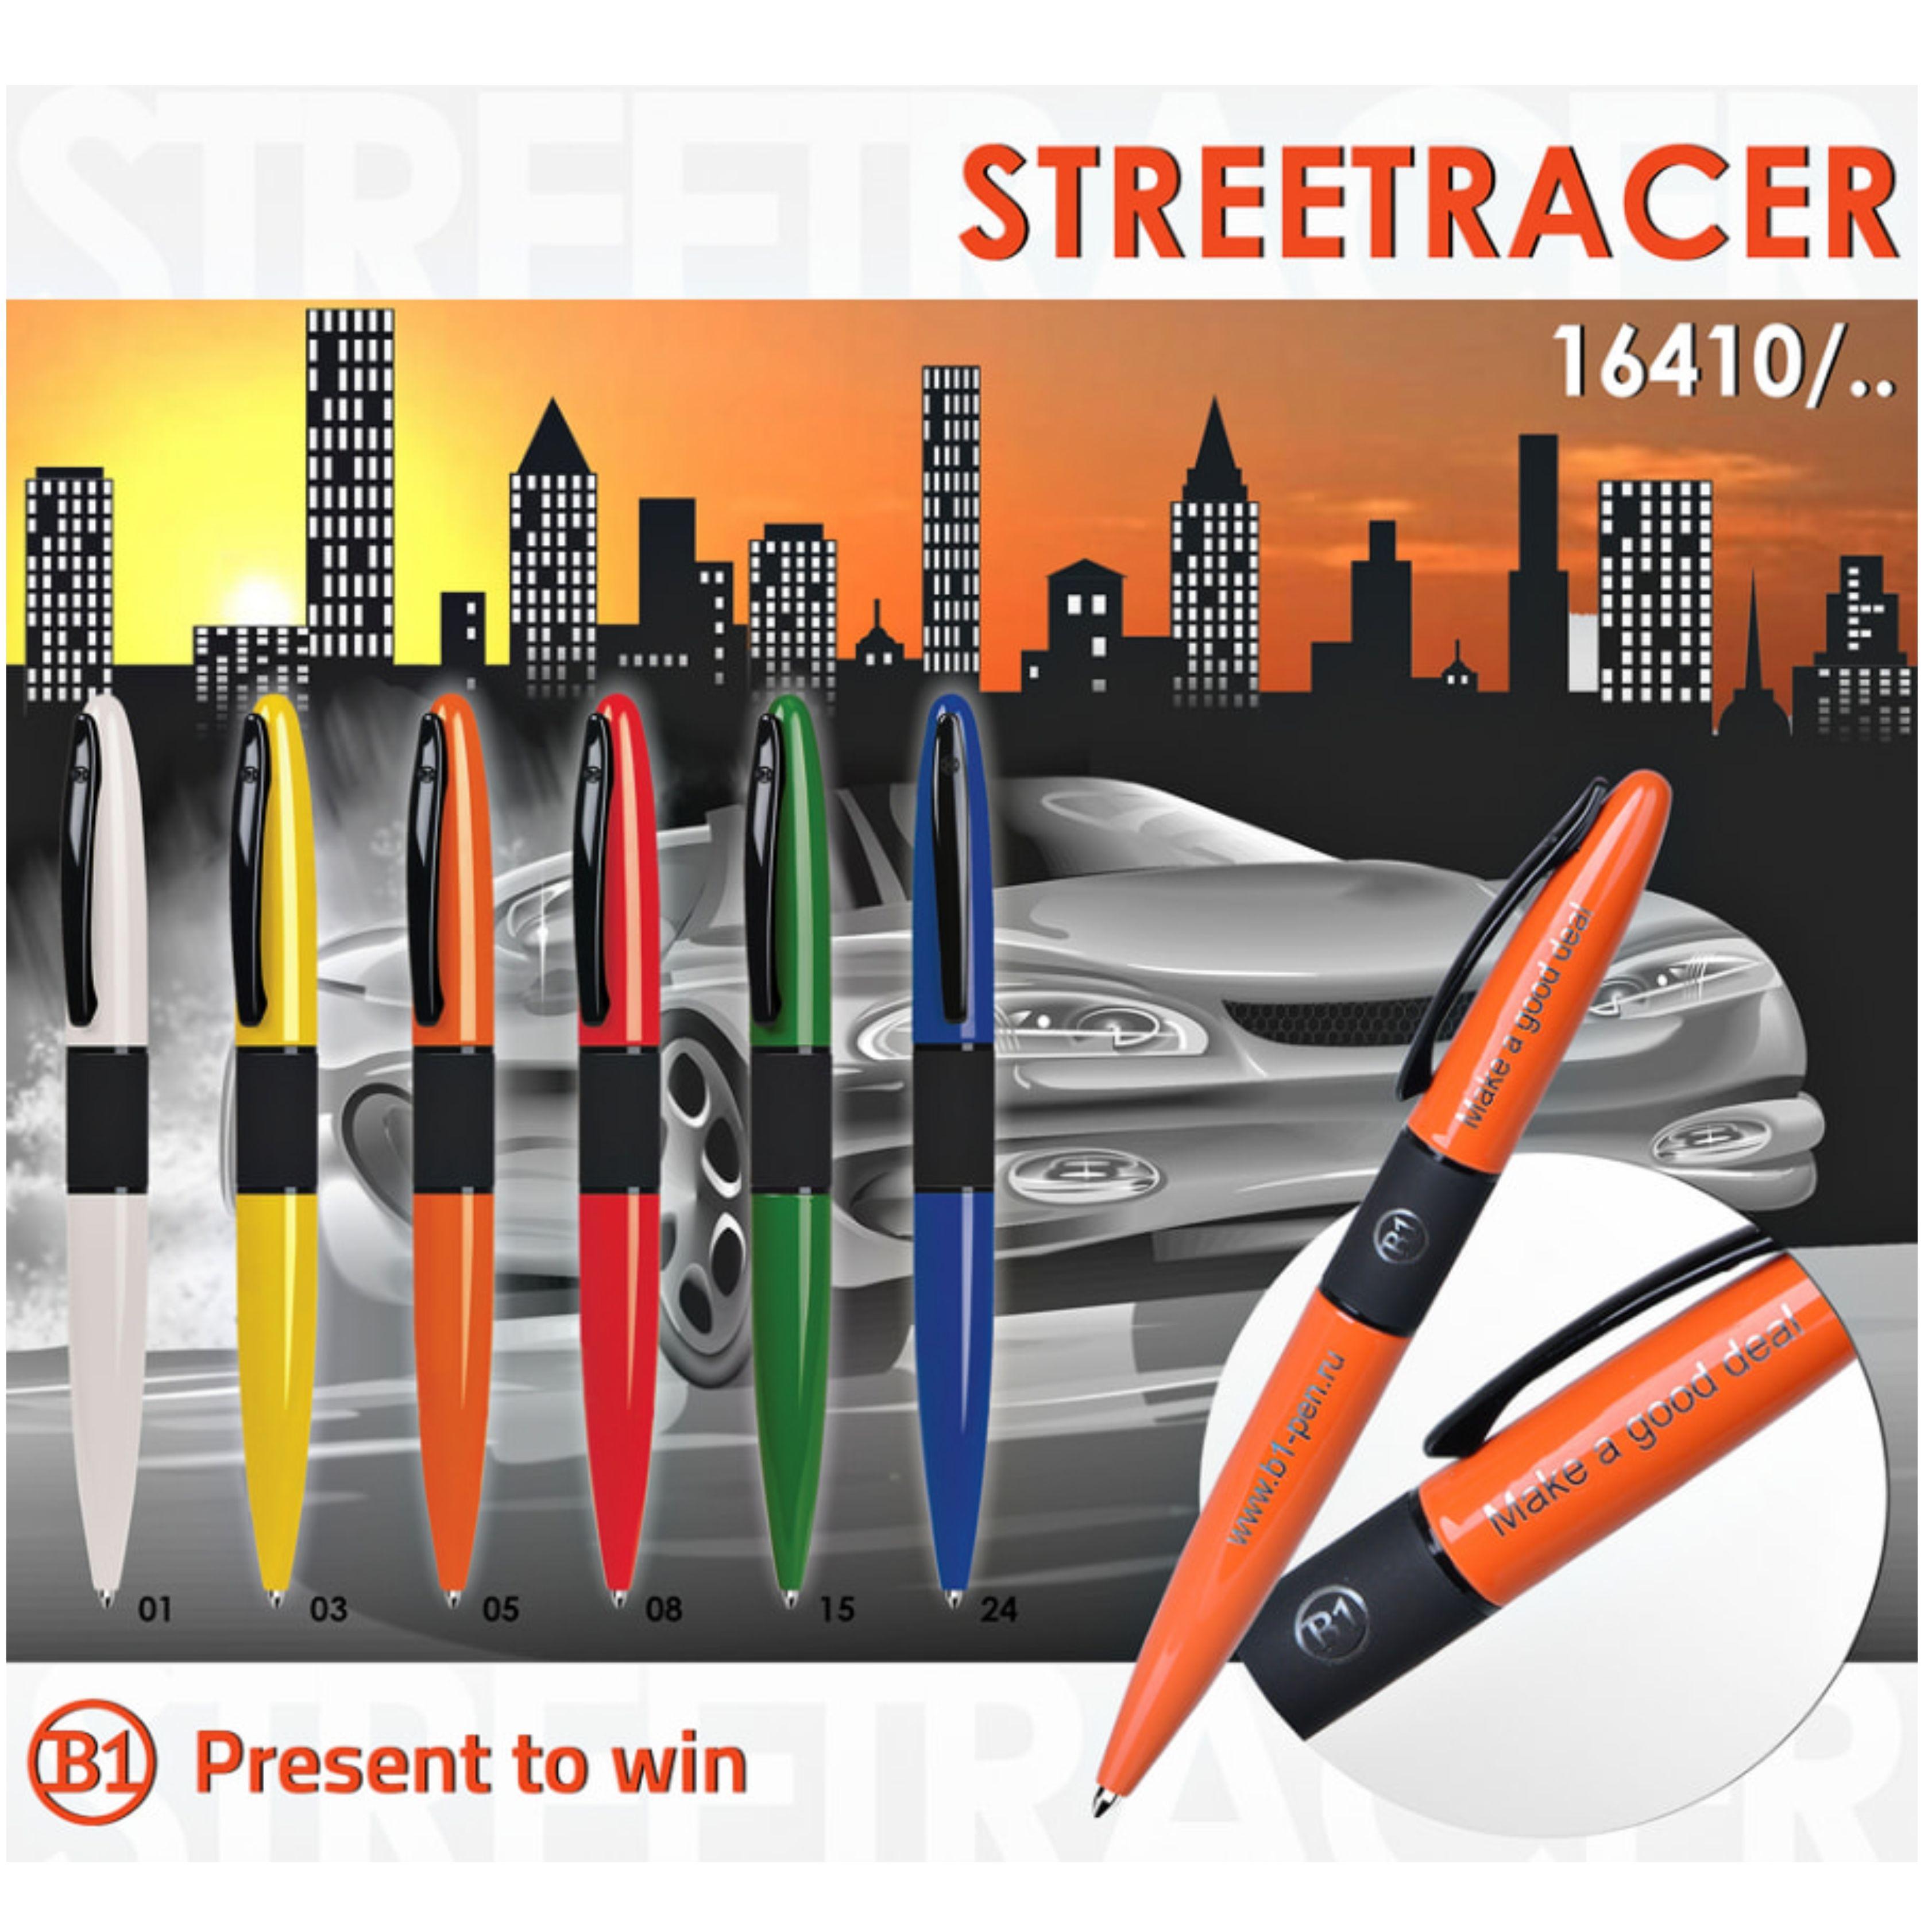 ручки streetracer